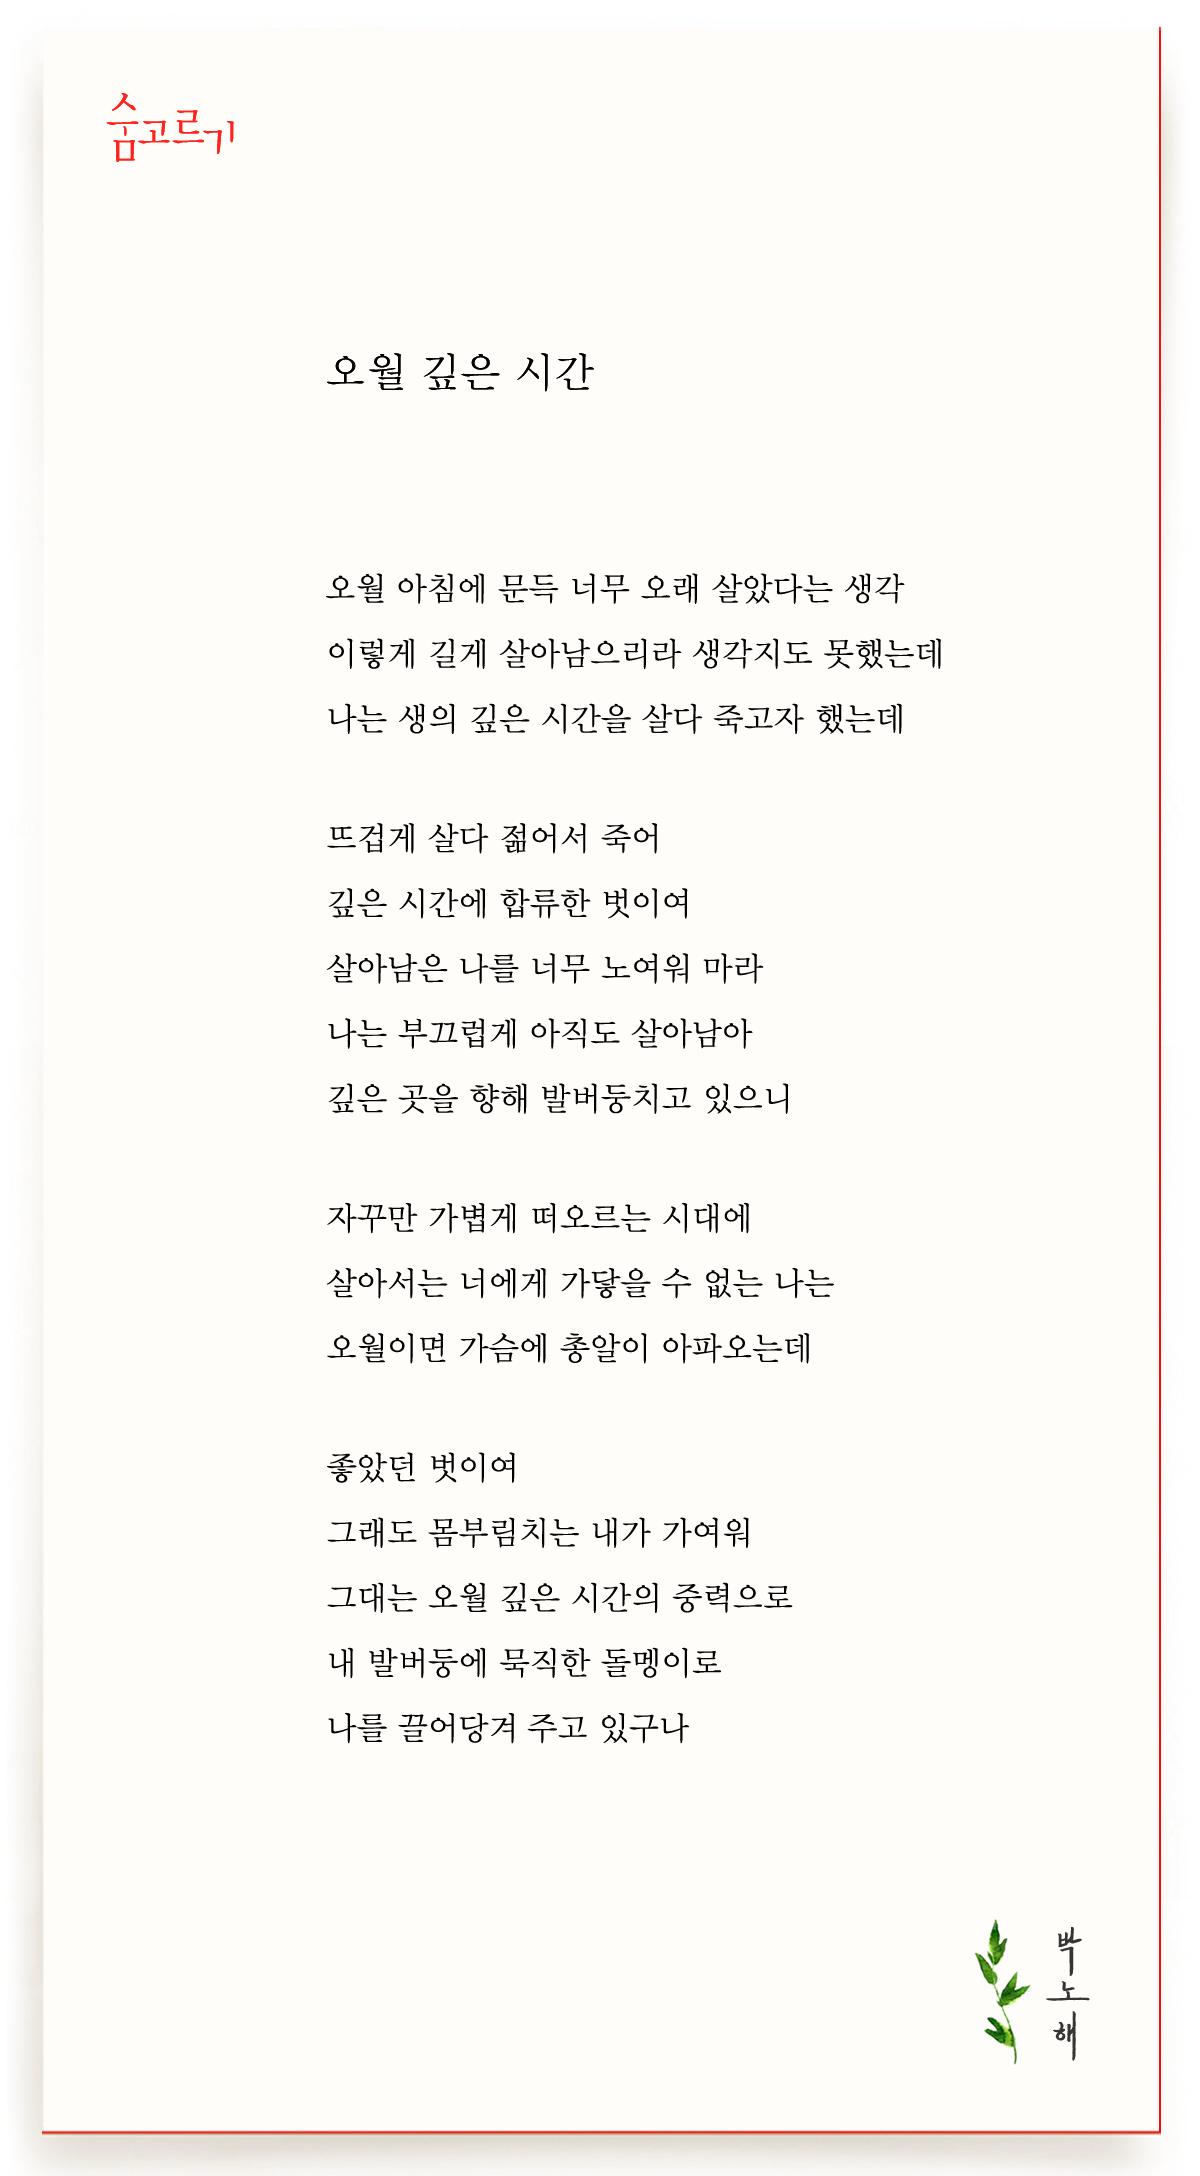 박노해의 숨고르기 오월 깊은 시간